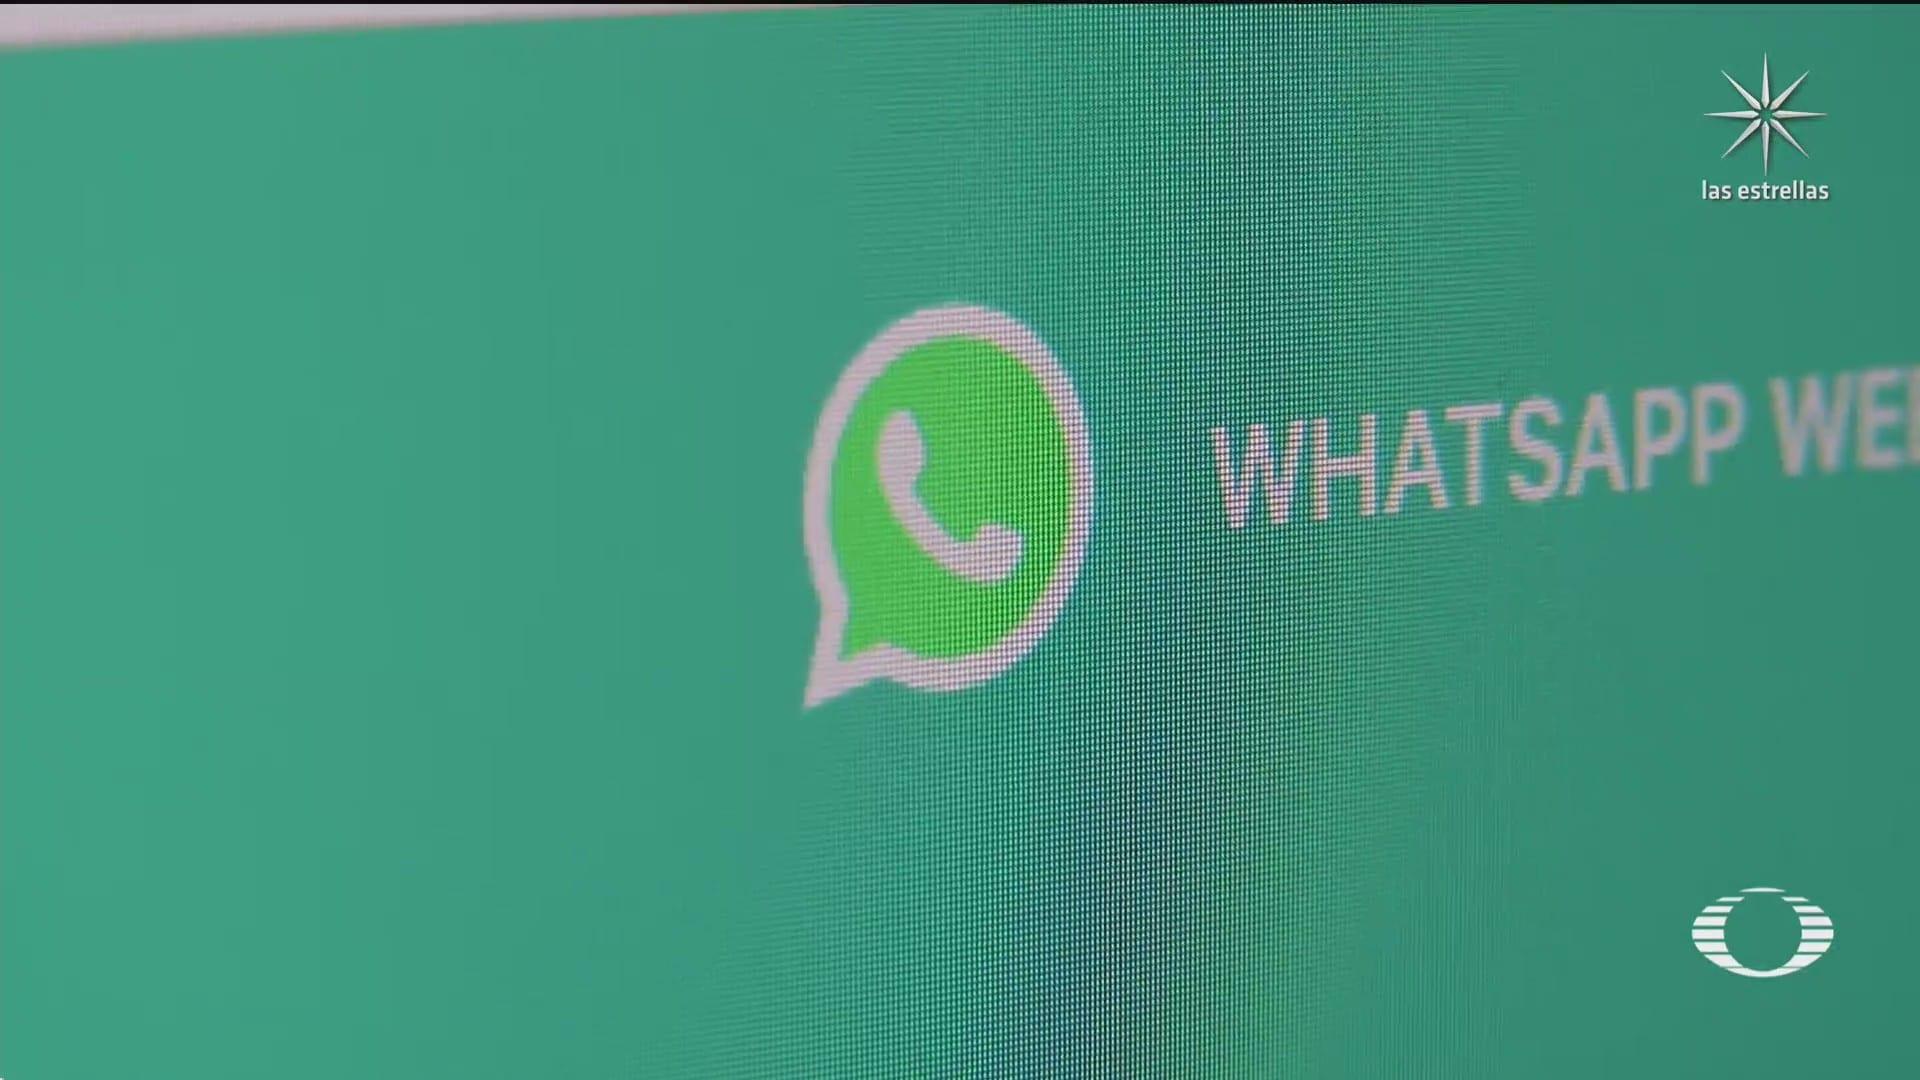 caida de facebook instagram y whatsapp provoca caos y angustia mundial